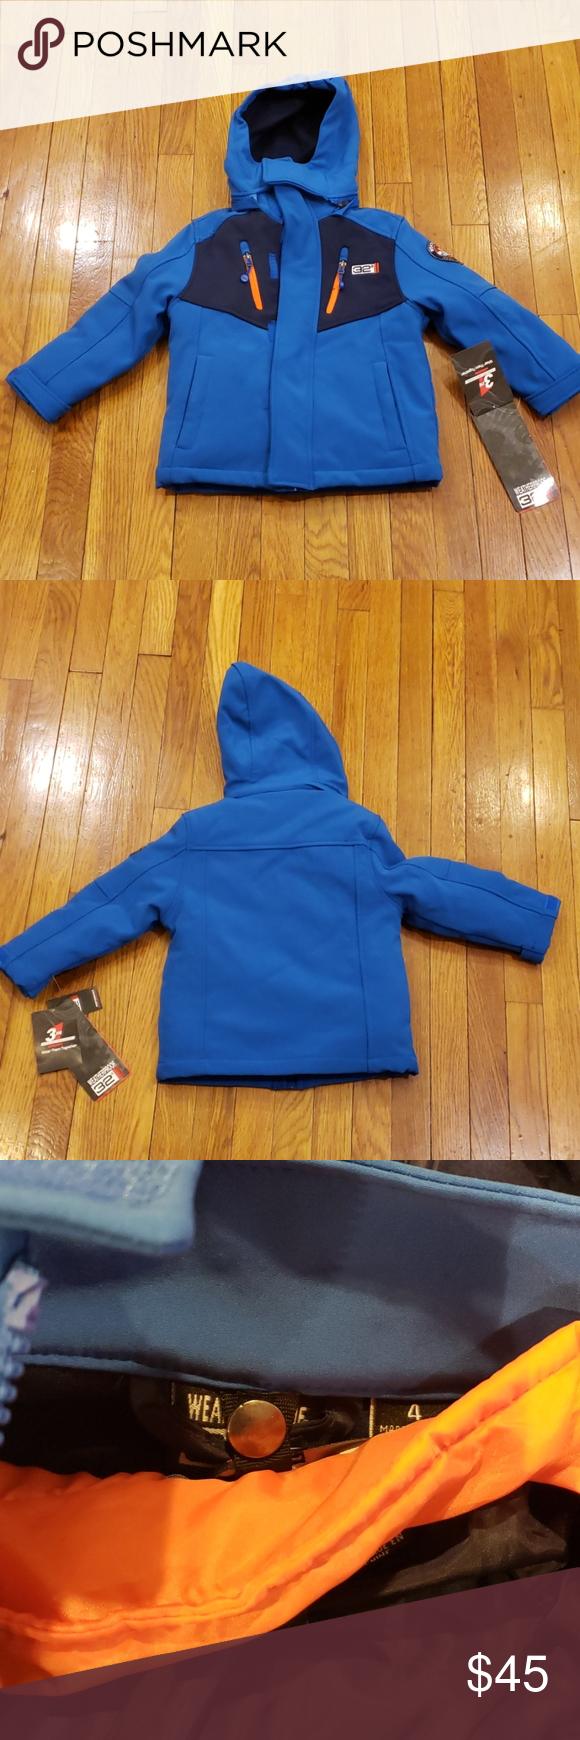 32 Weatherproof Boys Winter Jacket Boys Winter Jackets Winter Jackets Jacket Brands [ 1740 x 580 Pixel ]